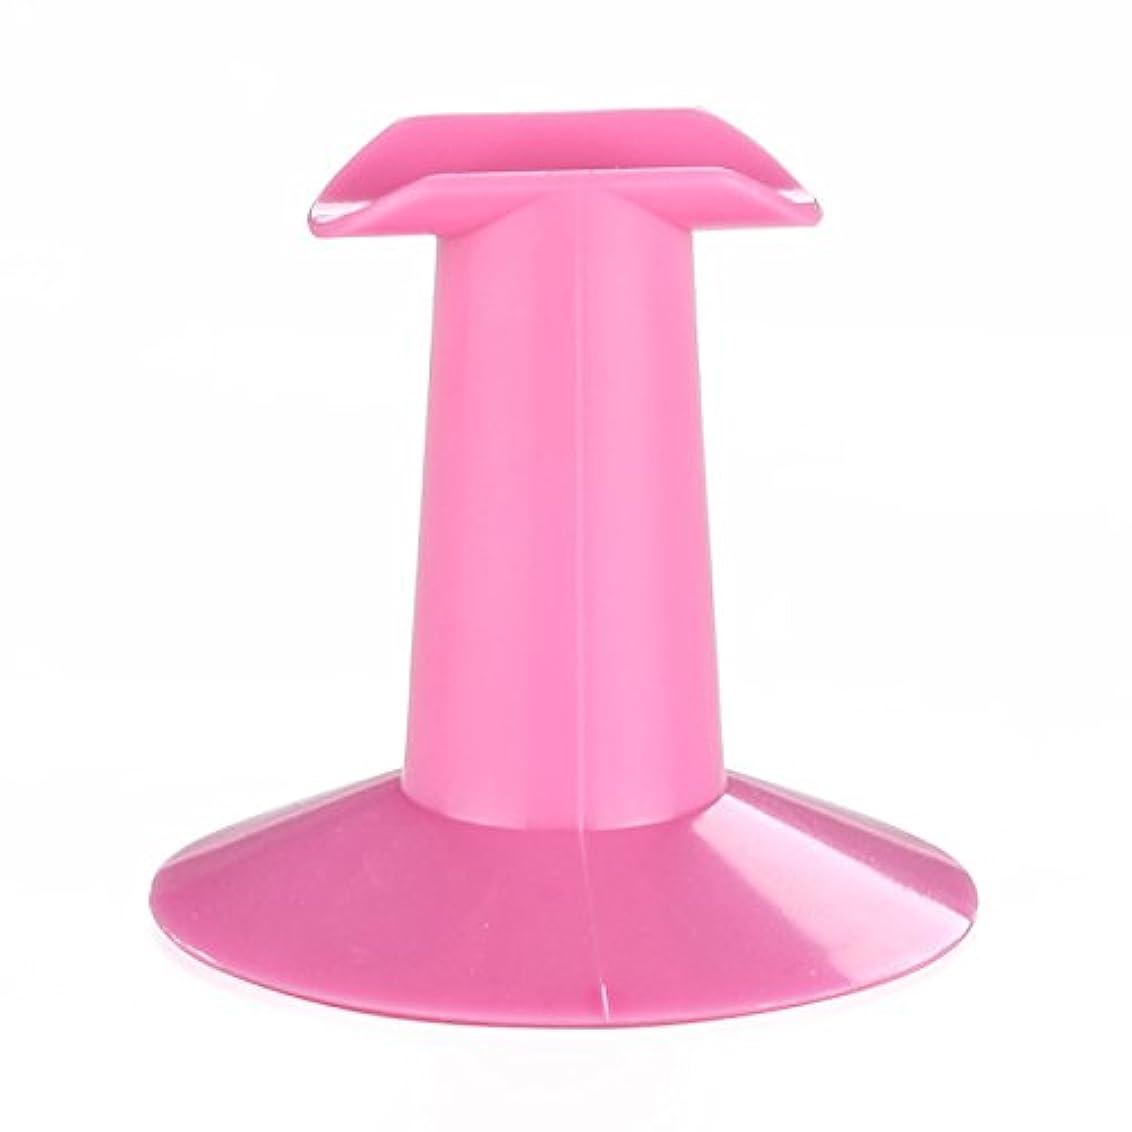 移動するいとこブリークGaoominy 5xハードプラスチック製ピンクのフィンガースタンドサポート レスト ネイルアートデザイン 絵画サロンDIY